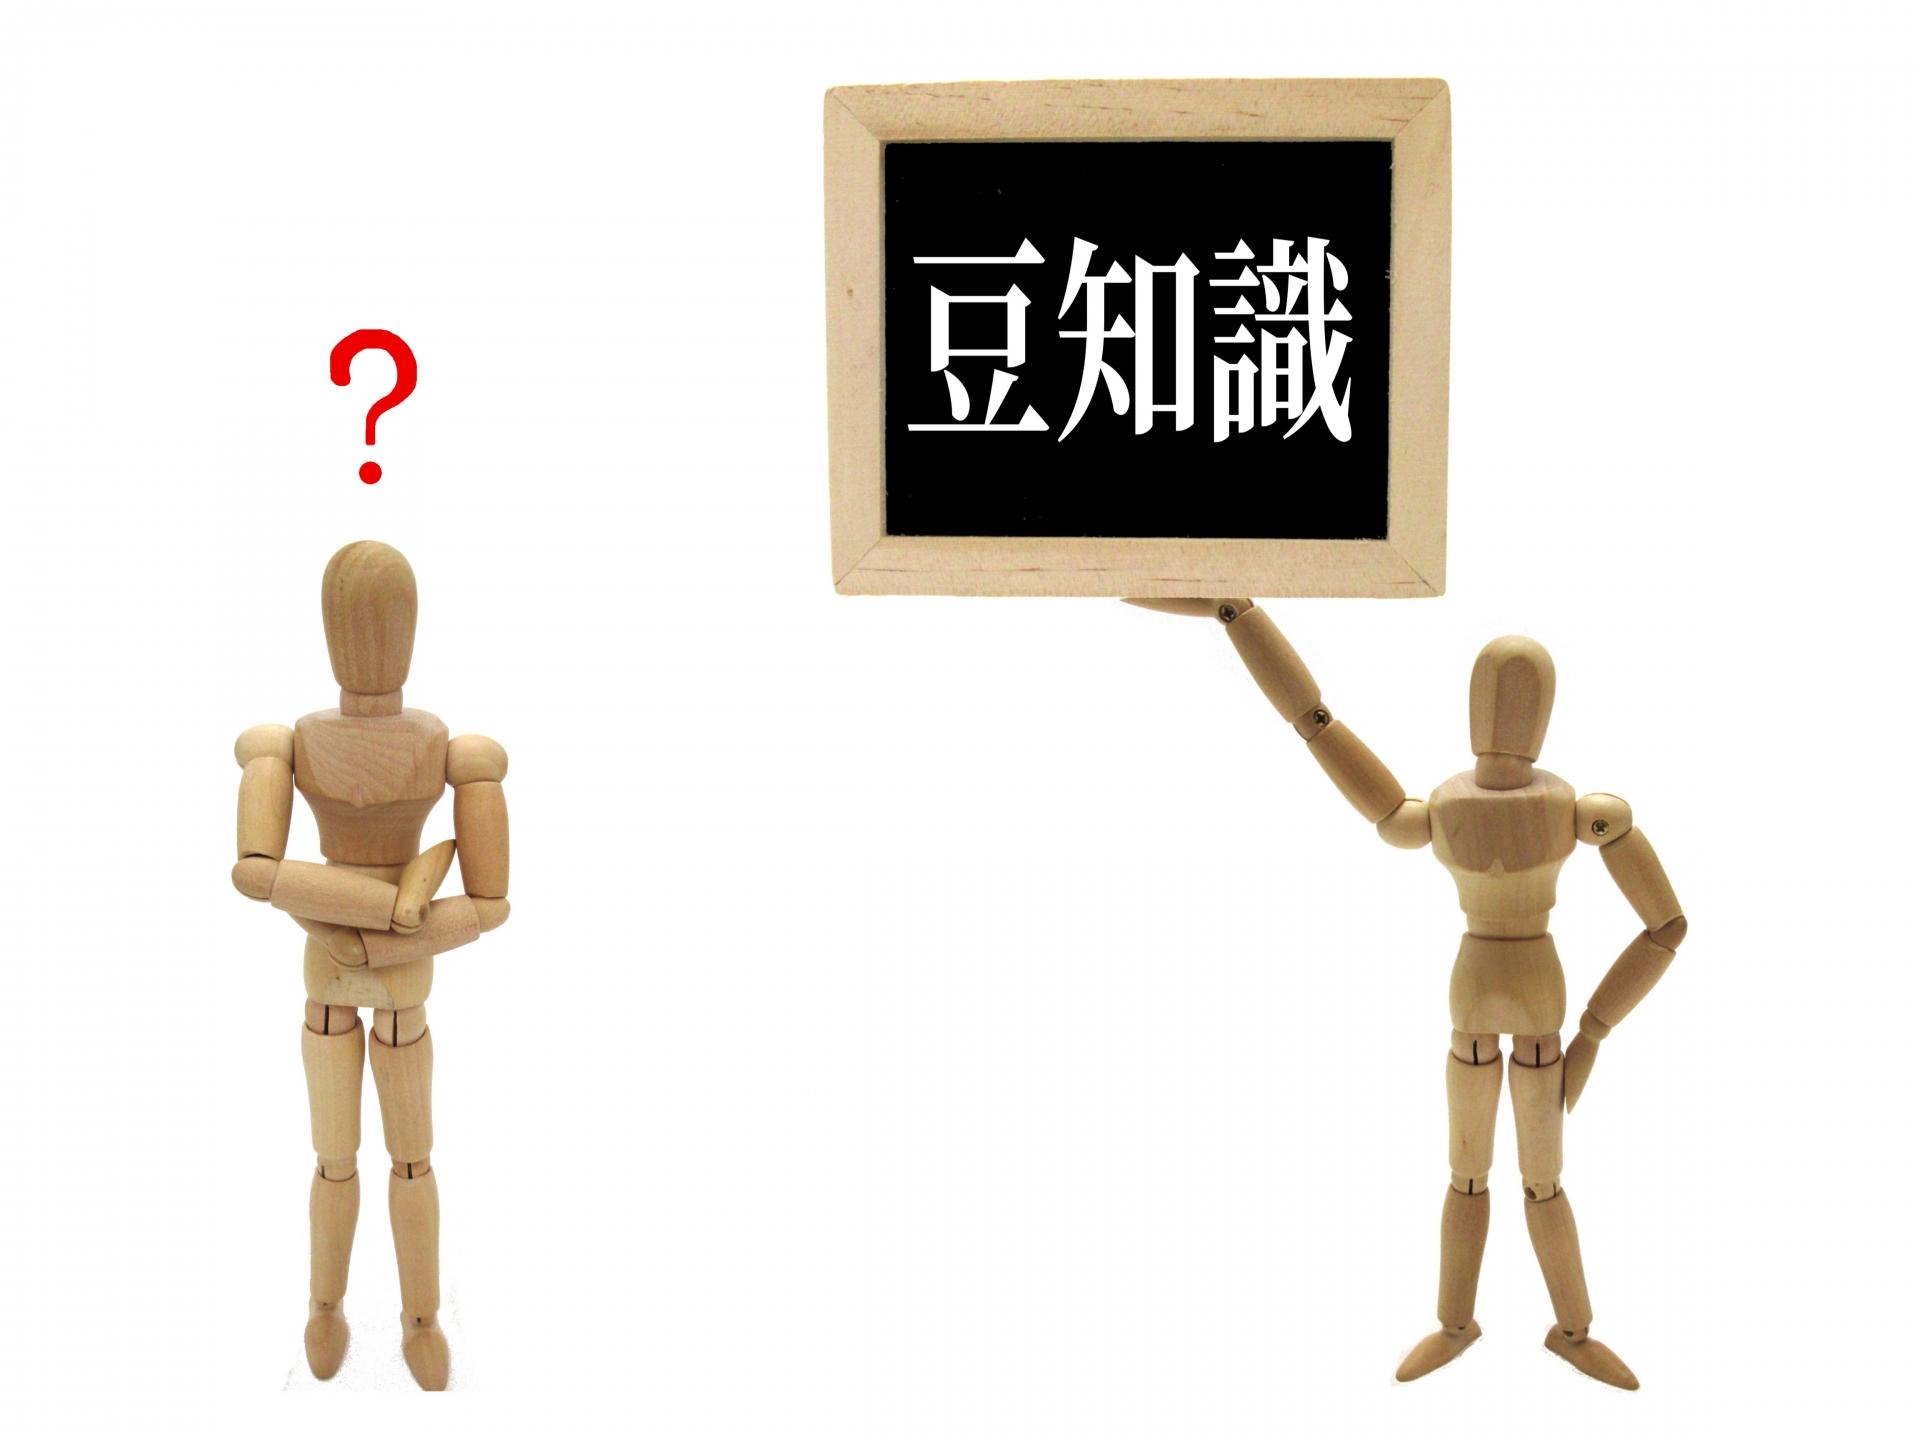 ニュースレターに掲載するコンテンツについて。「雑学」は必要?ネタ切れになったらどうする?